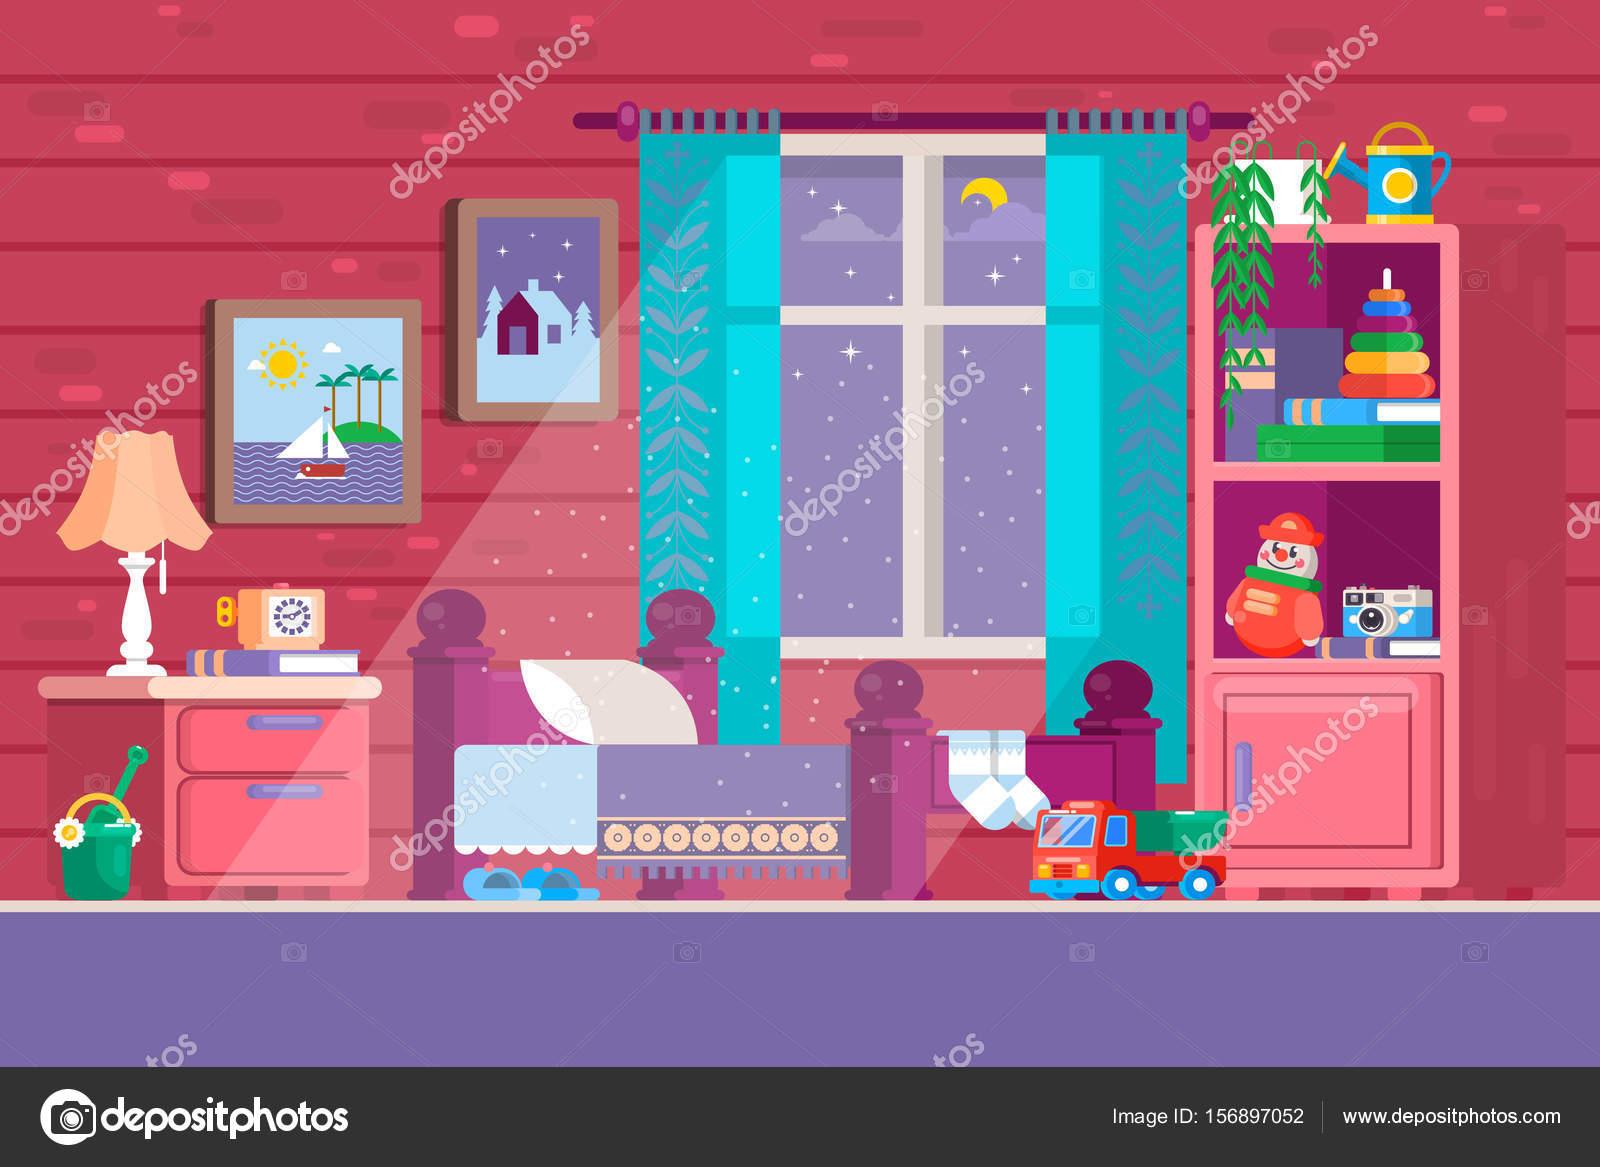 Algunos dormitorios de ni os ilustraci n de un dormitorio for Dormitorio animado